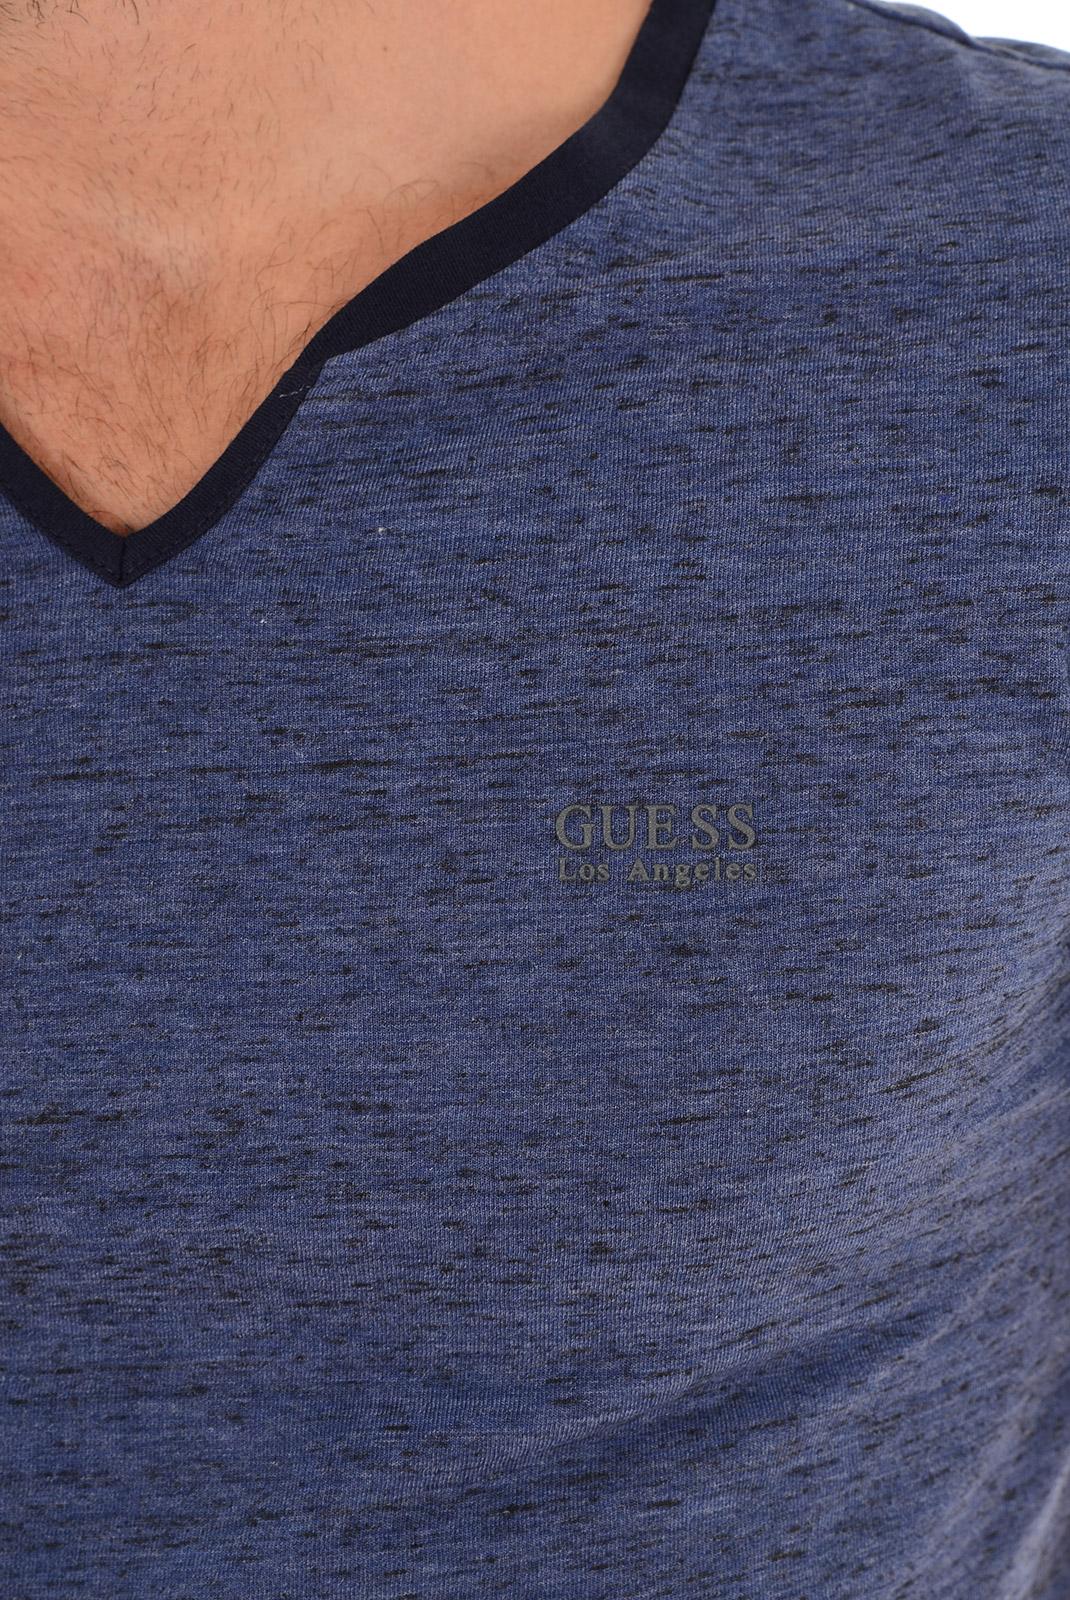 T-S manches courtes  Guess jeans M53P65K3ZF0 H718 BLEU